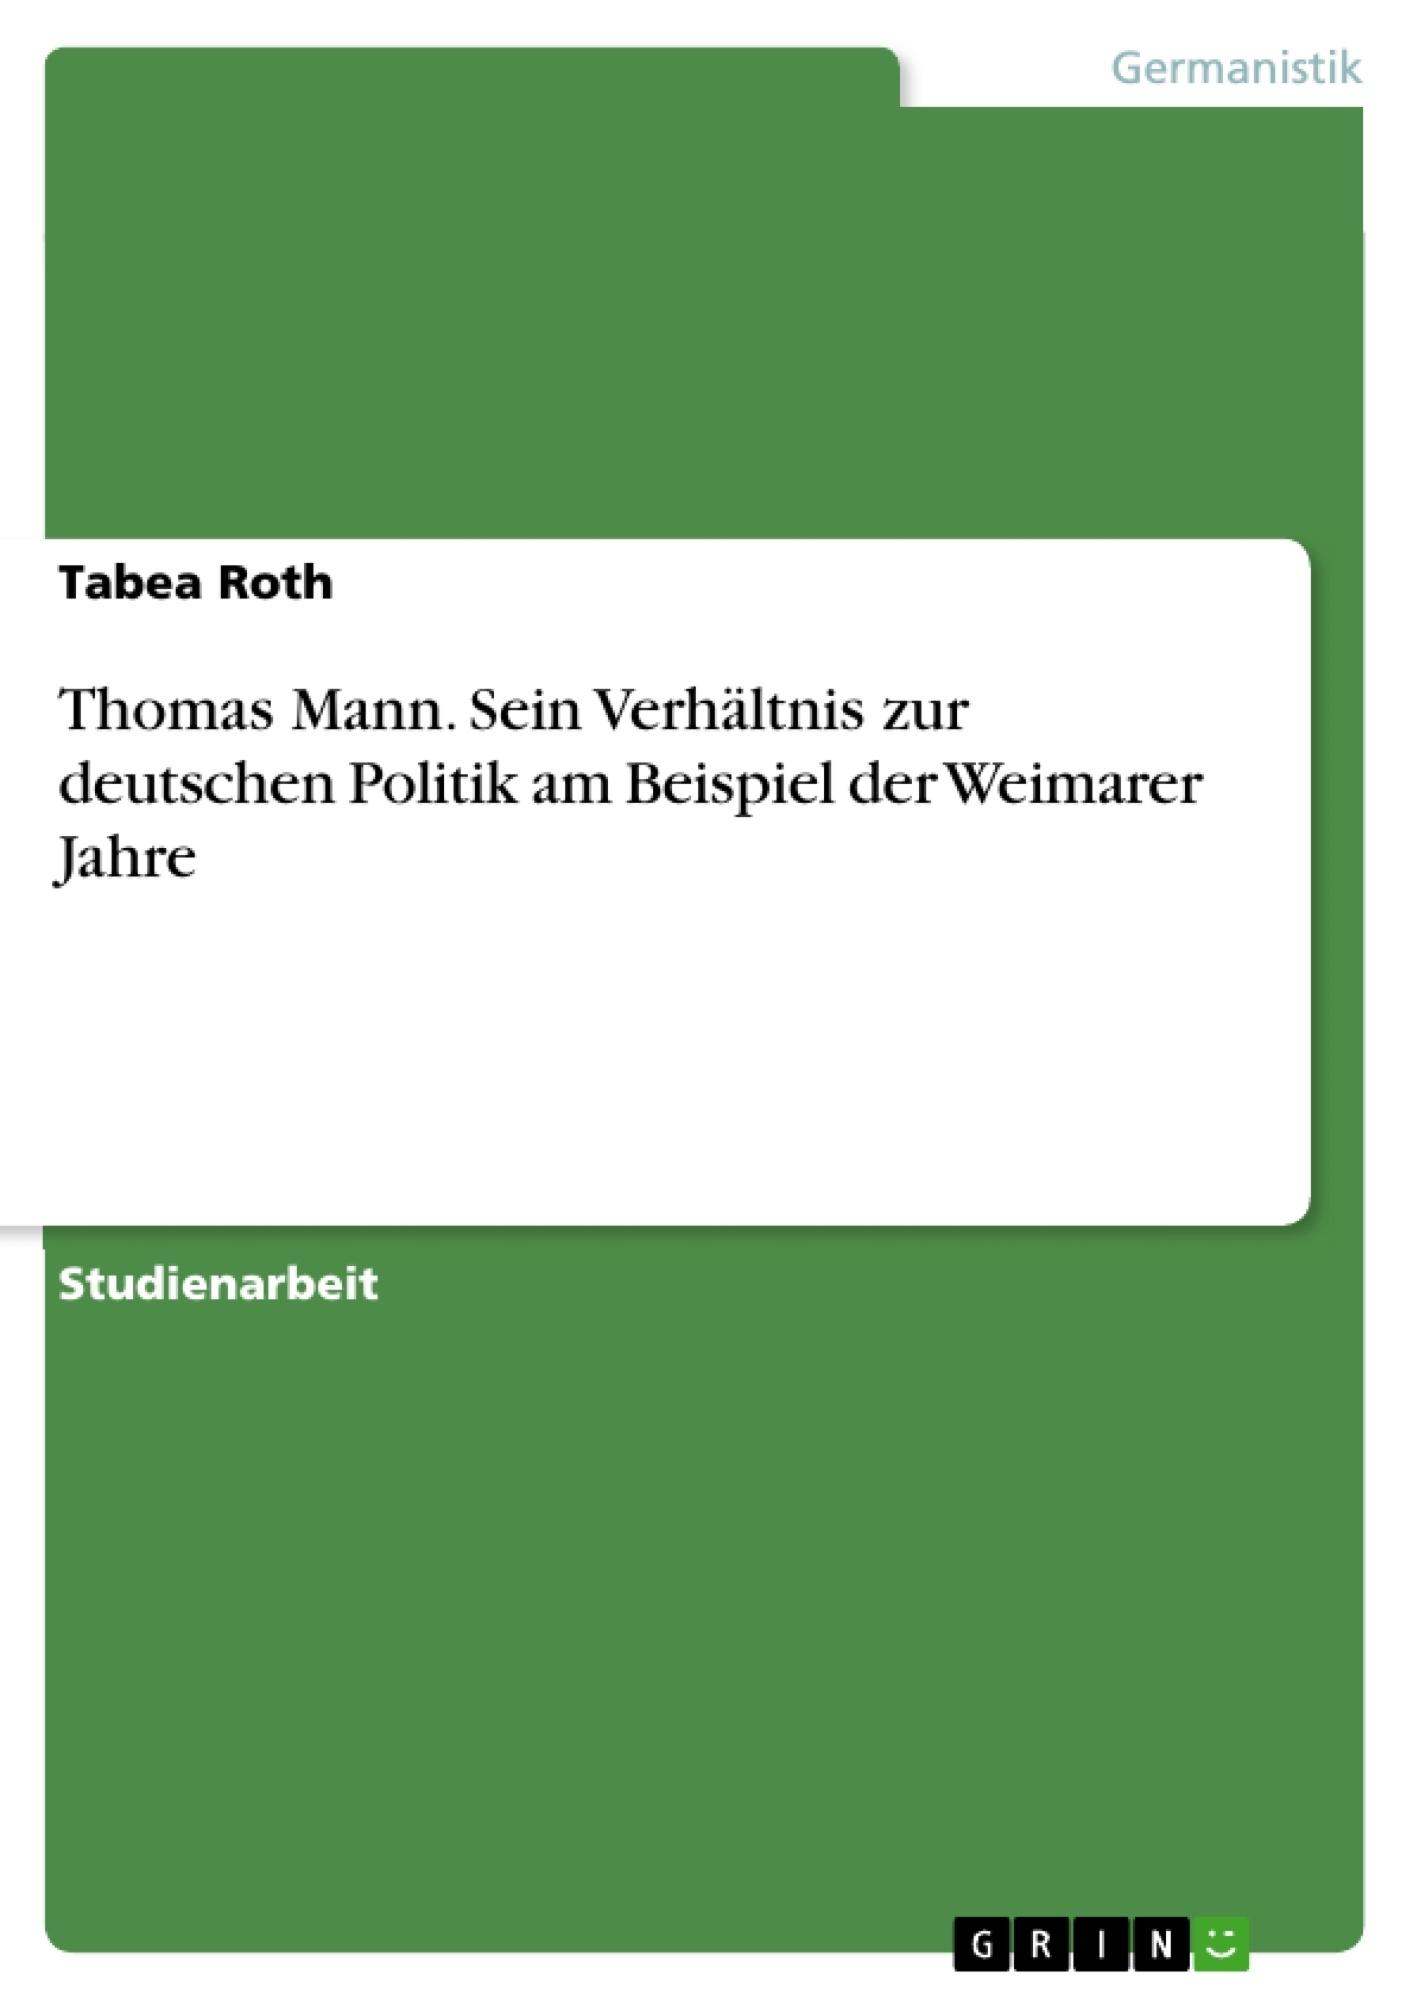 Titel: Thomas Mann. Sein Verhältnis zur deutschen Politik am Beispiel der Weimarer Jahre